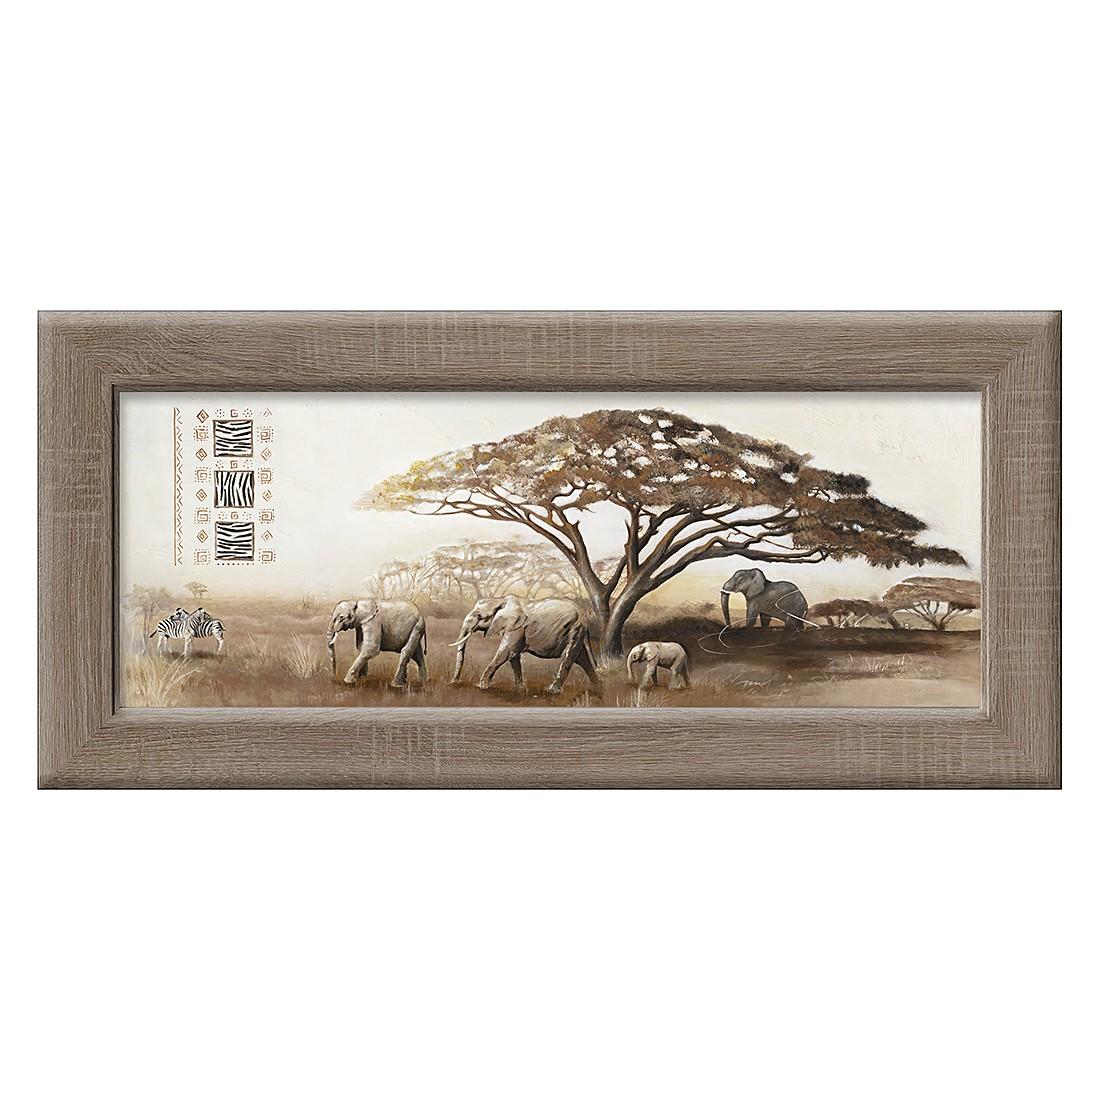 Kunstdruk African fever, Pro Art